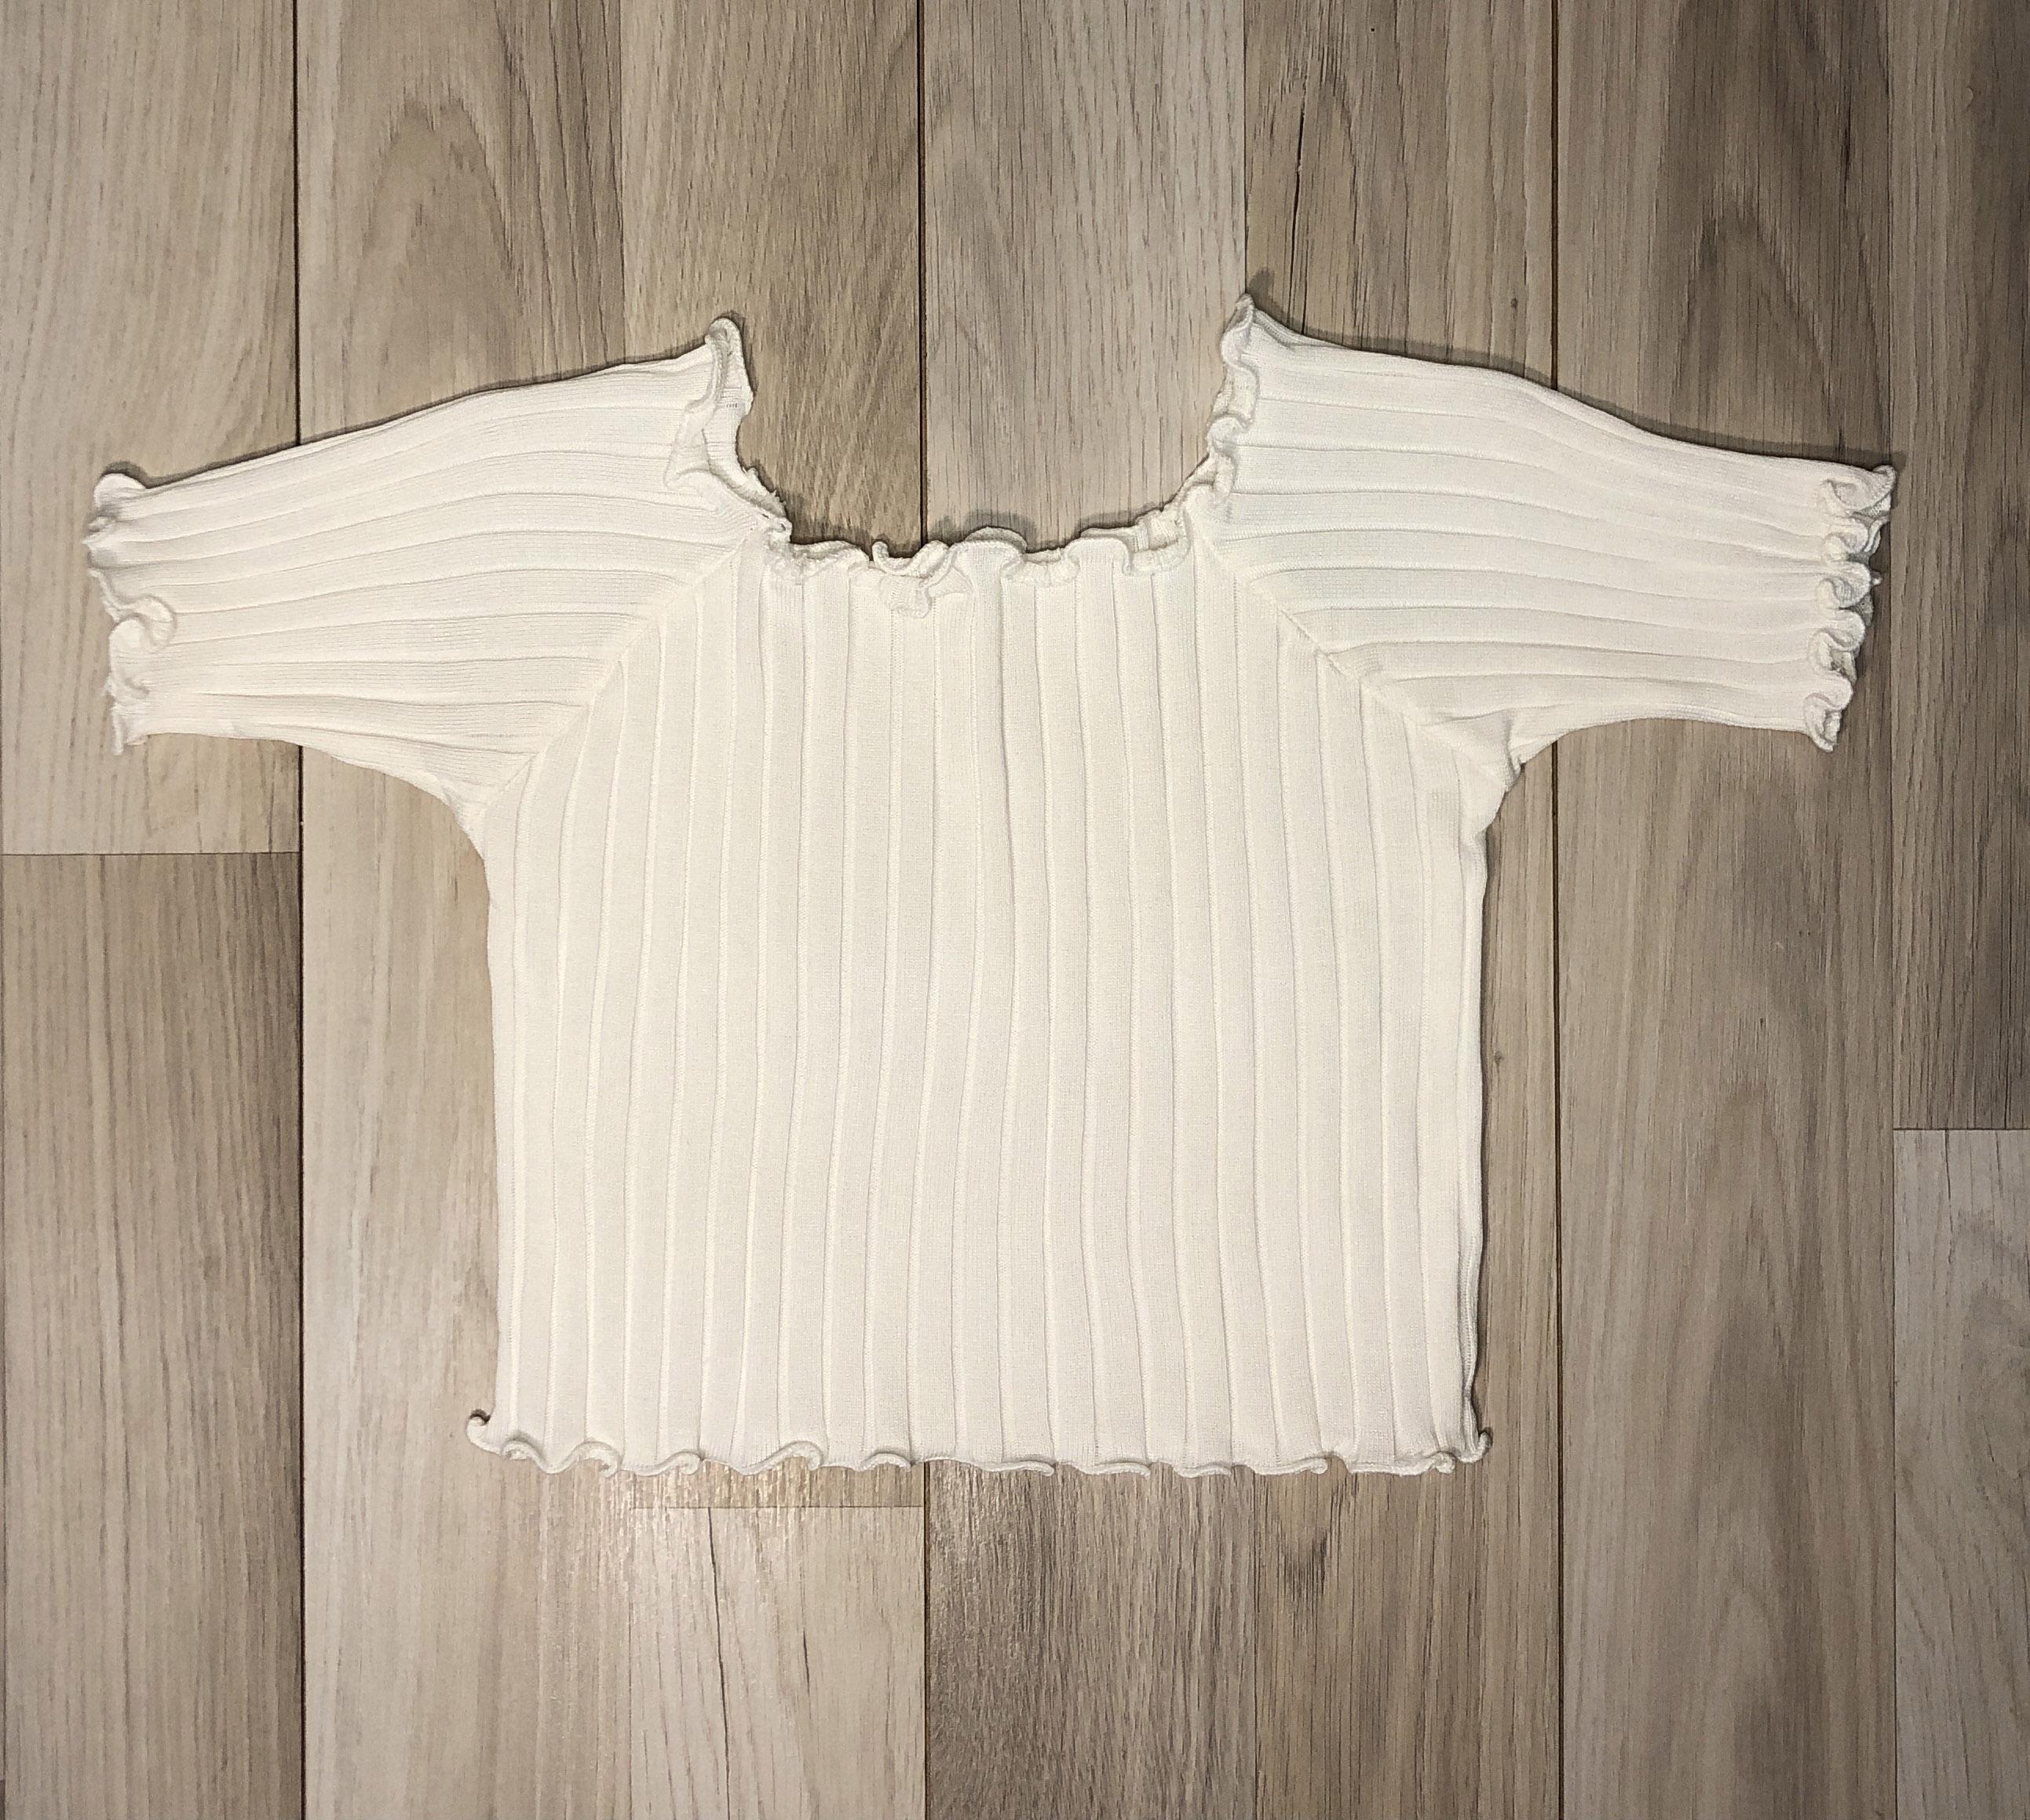 Top Crop Blanco con mangas y onditas